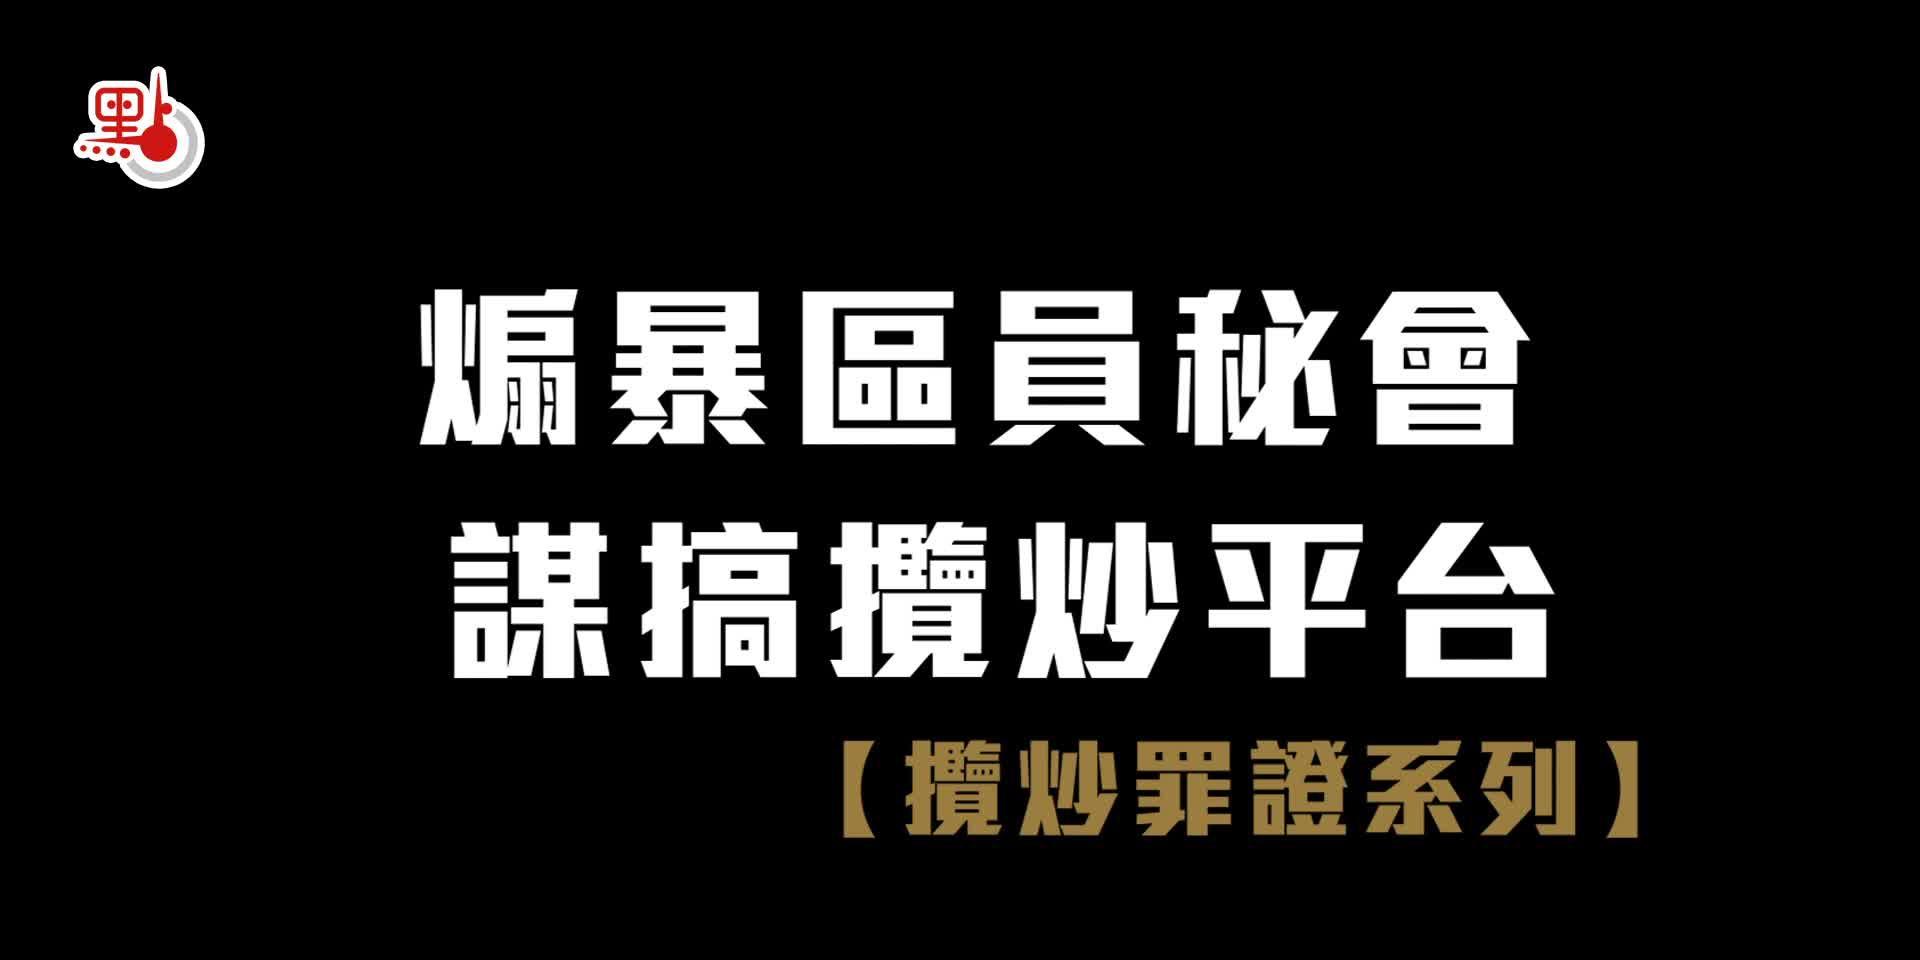 攬炒罪證系列|煽暴區議員秘會 謀搞攬炒平台